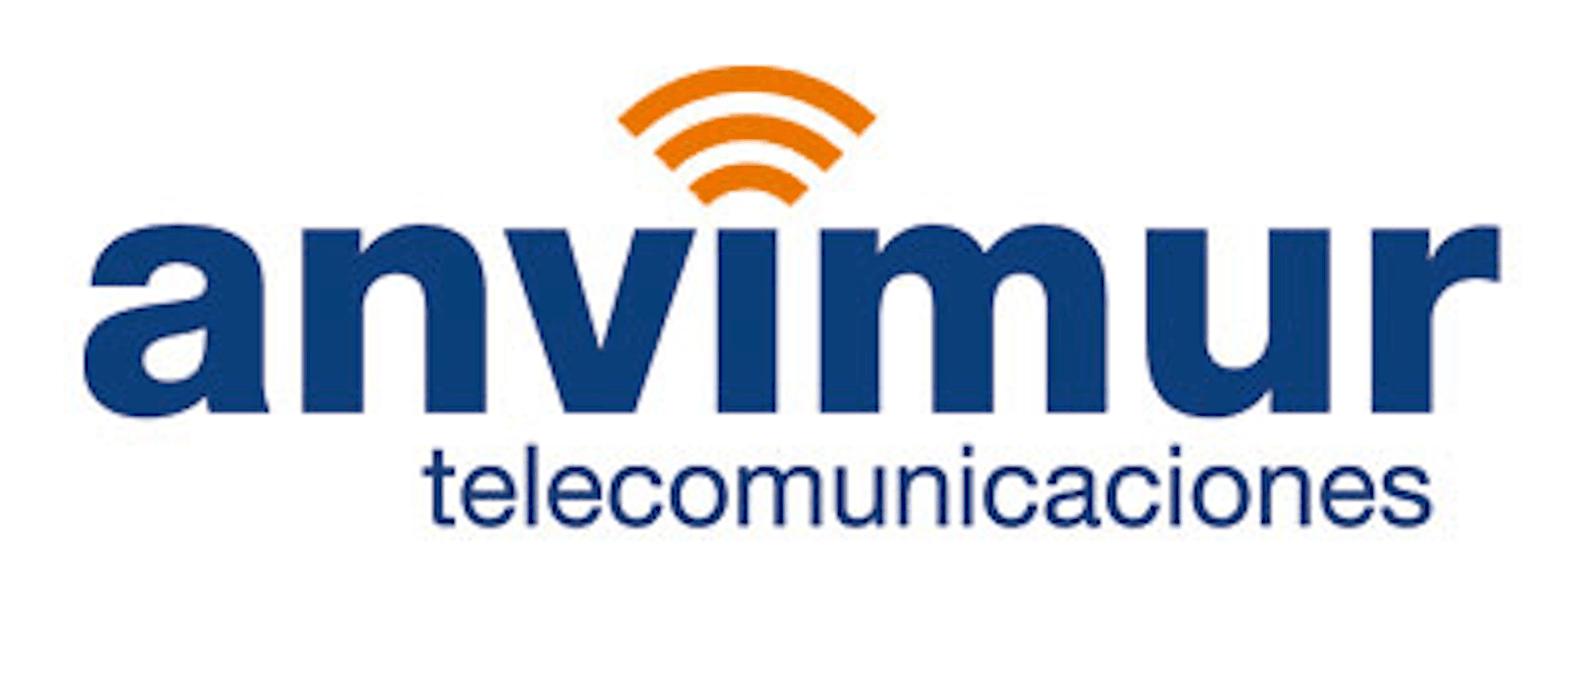 Telecom boutique